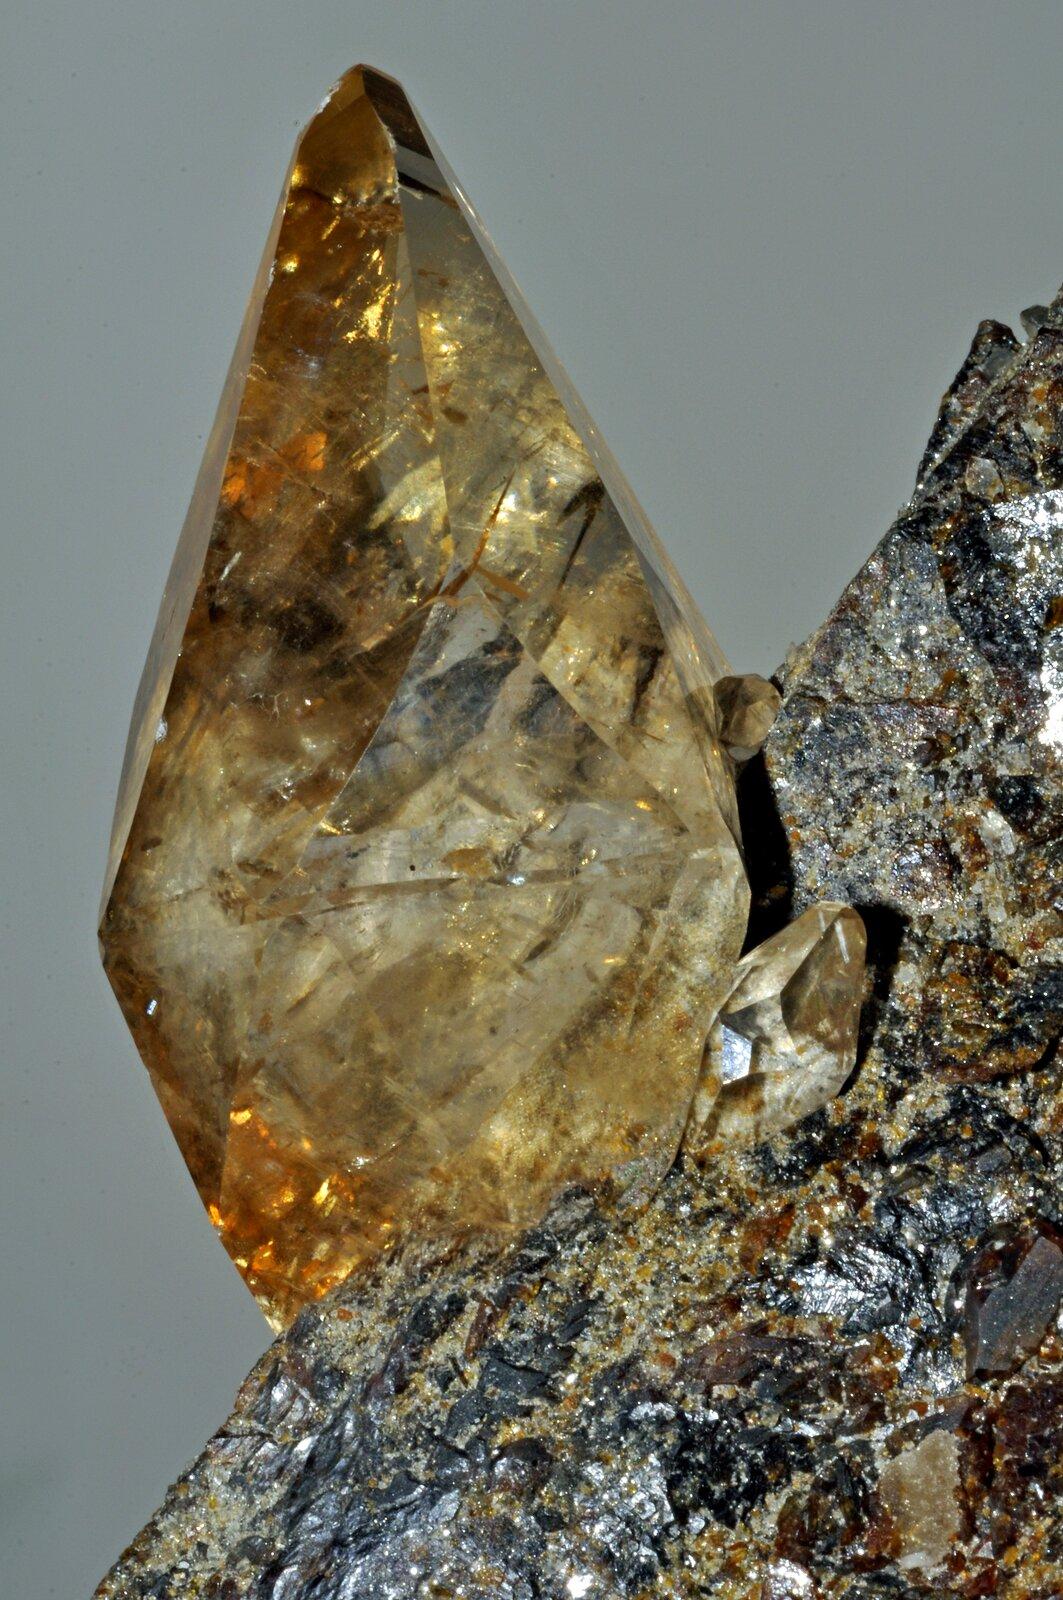 Na zdjęciu minerał. Jest to kalcyt. Tworzy kryształy wkształcie słupków. Jest przezroczysty. Kolor biały, żółty ipomarańczowy.